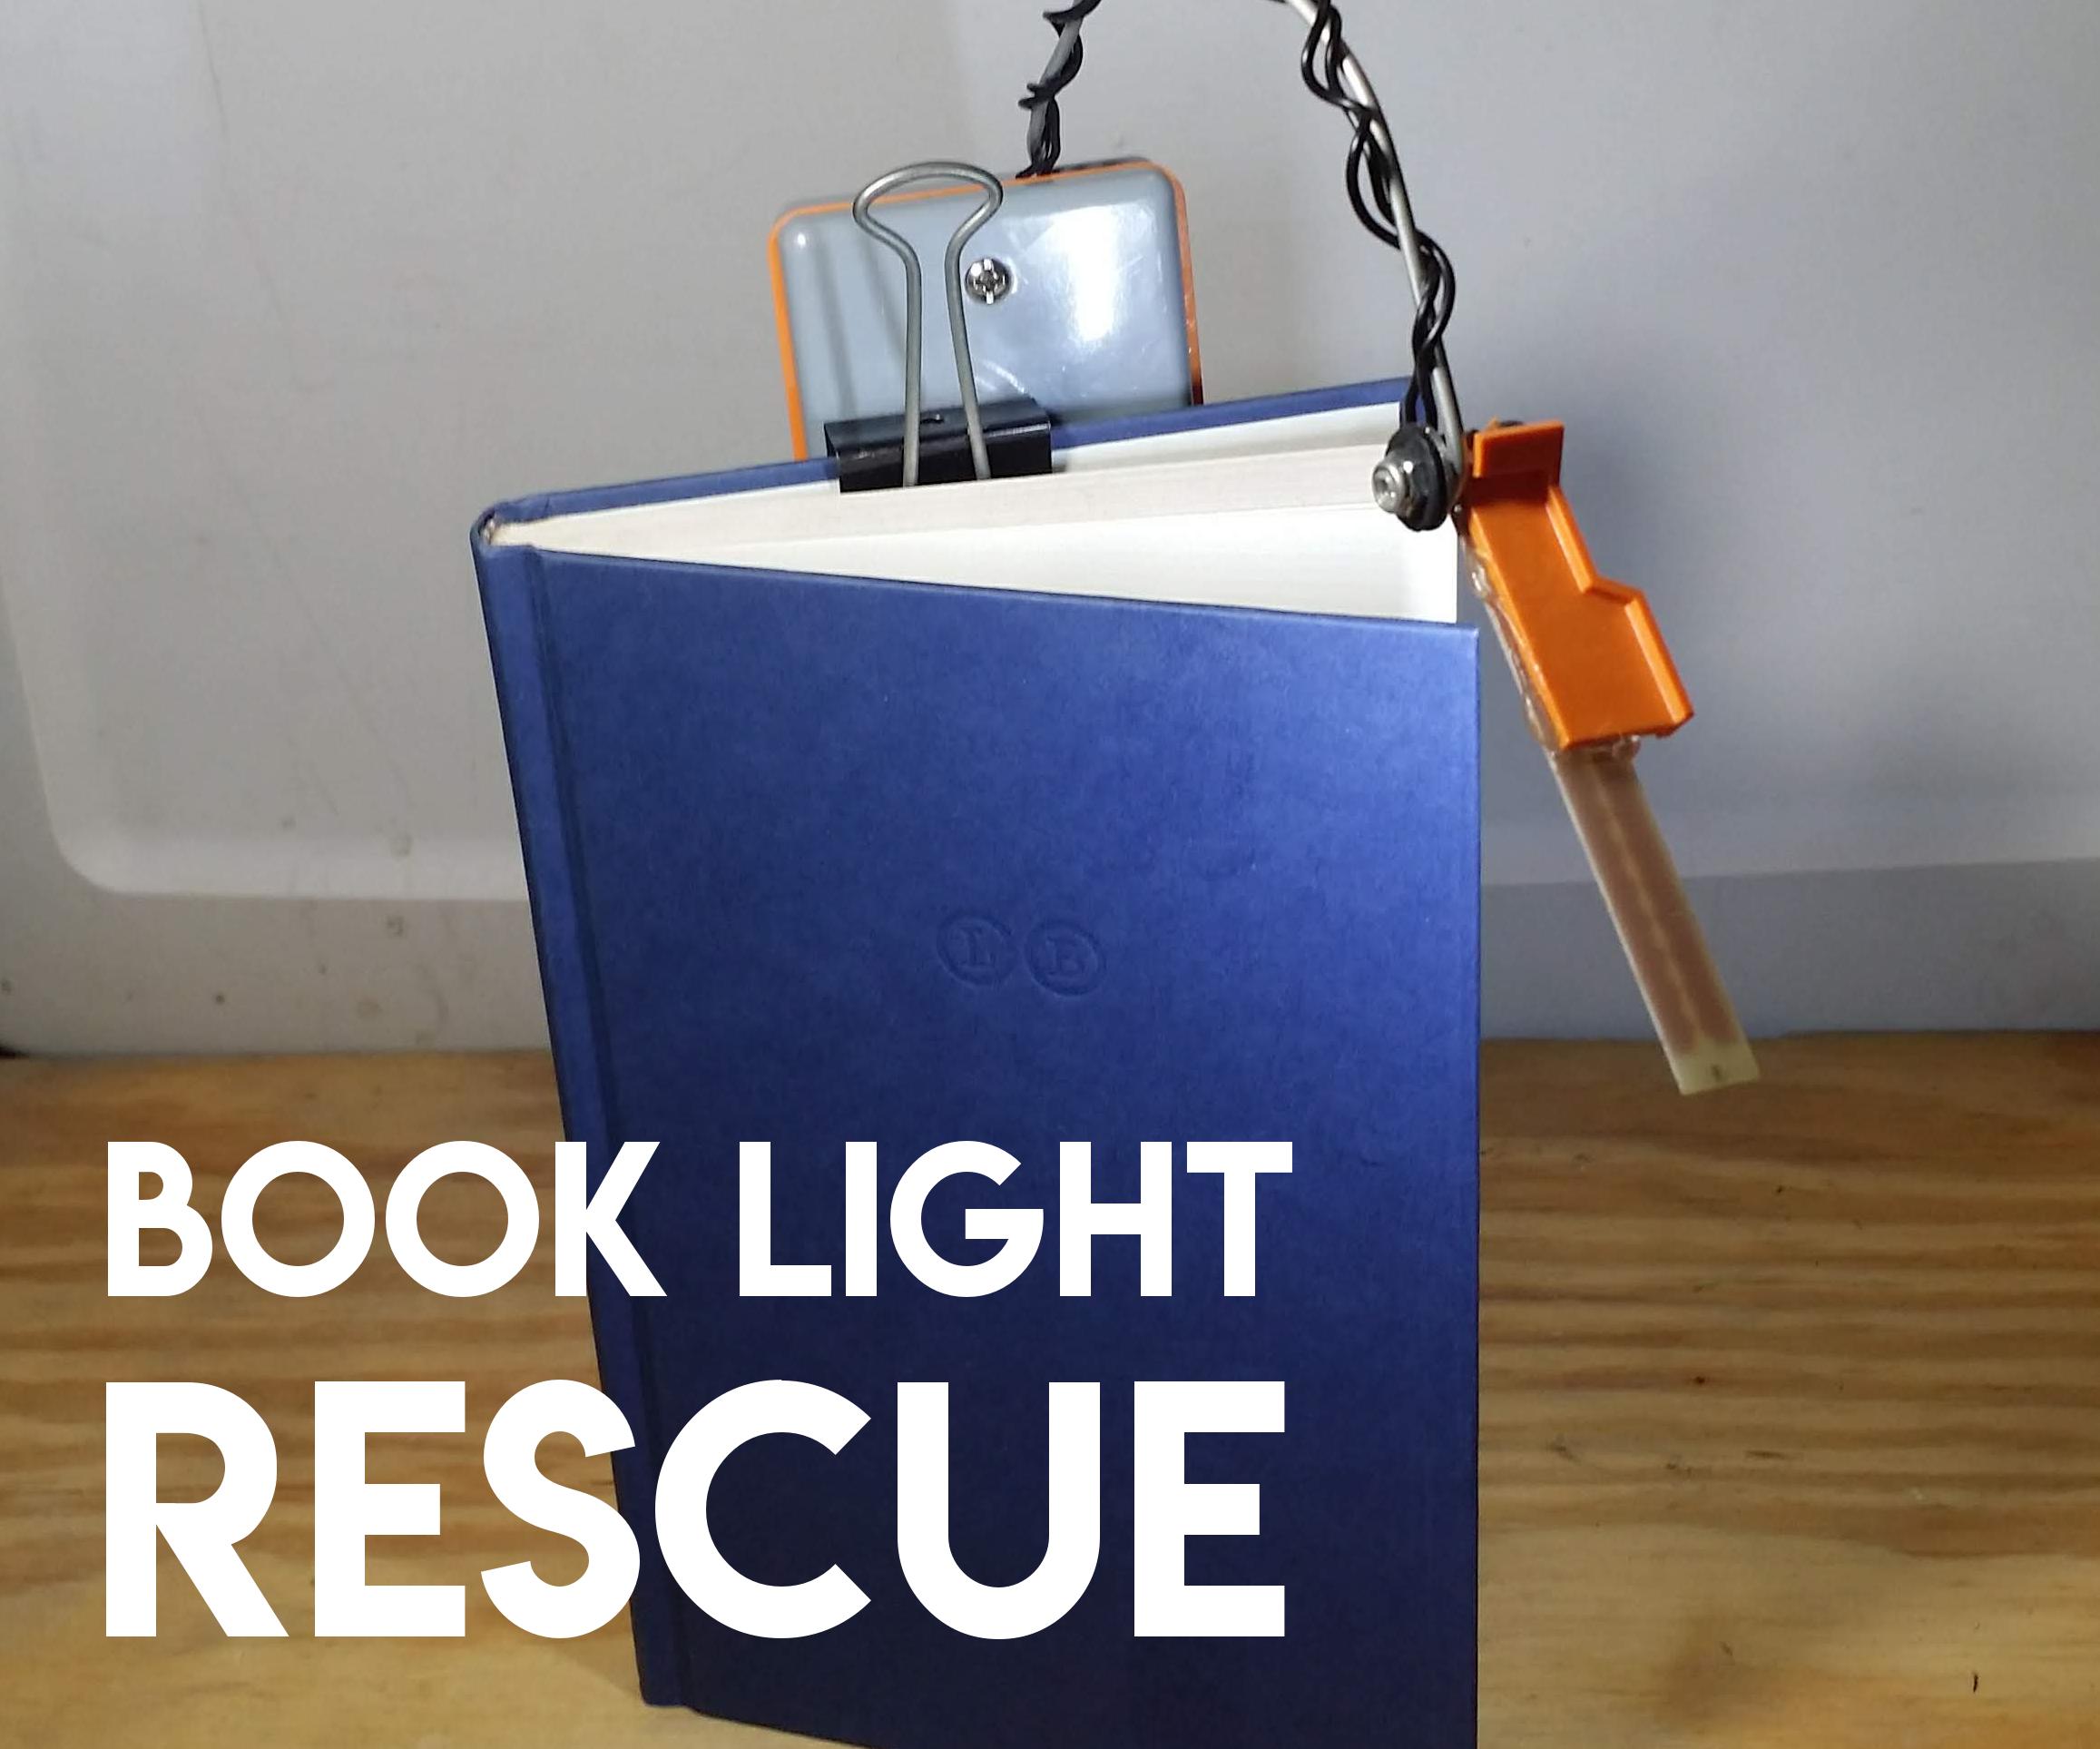 Book Light Rescue